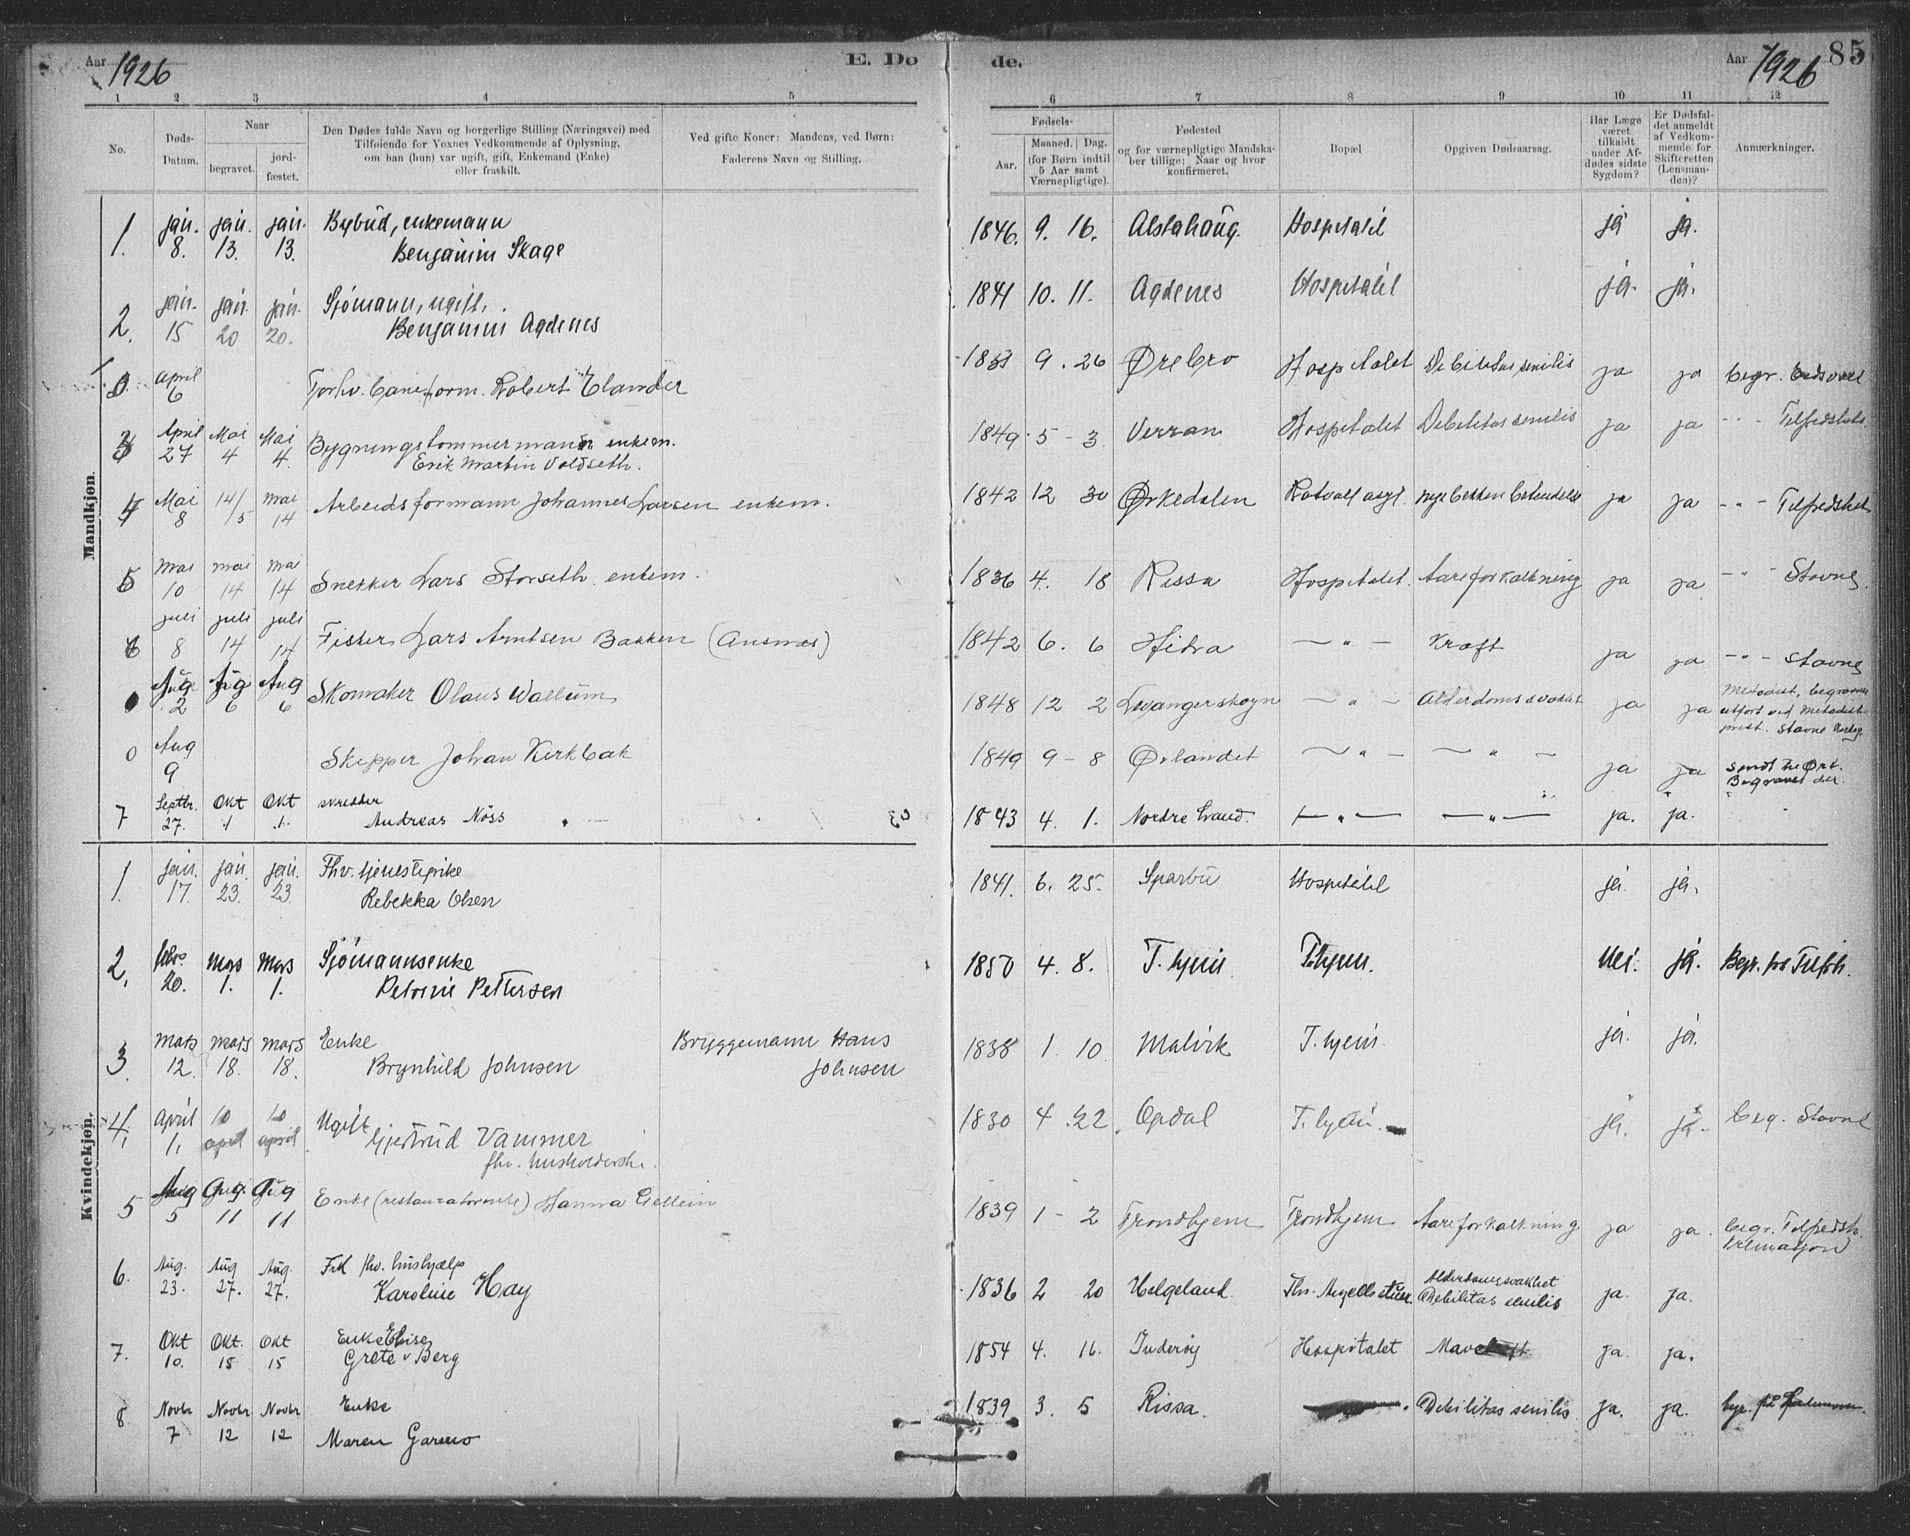 SAT, Ministerialprotokoller, klokkerbøker og fødselsregistre - Sør-Trøndelag, 623/L0470: Ministerialbok nr. 623A04, 1884-1938, s. 85